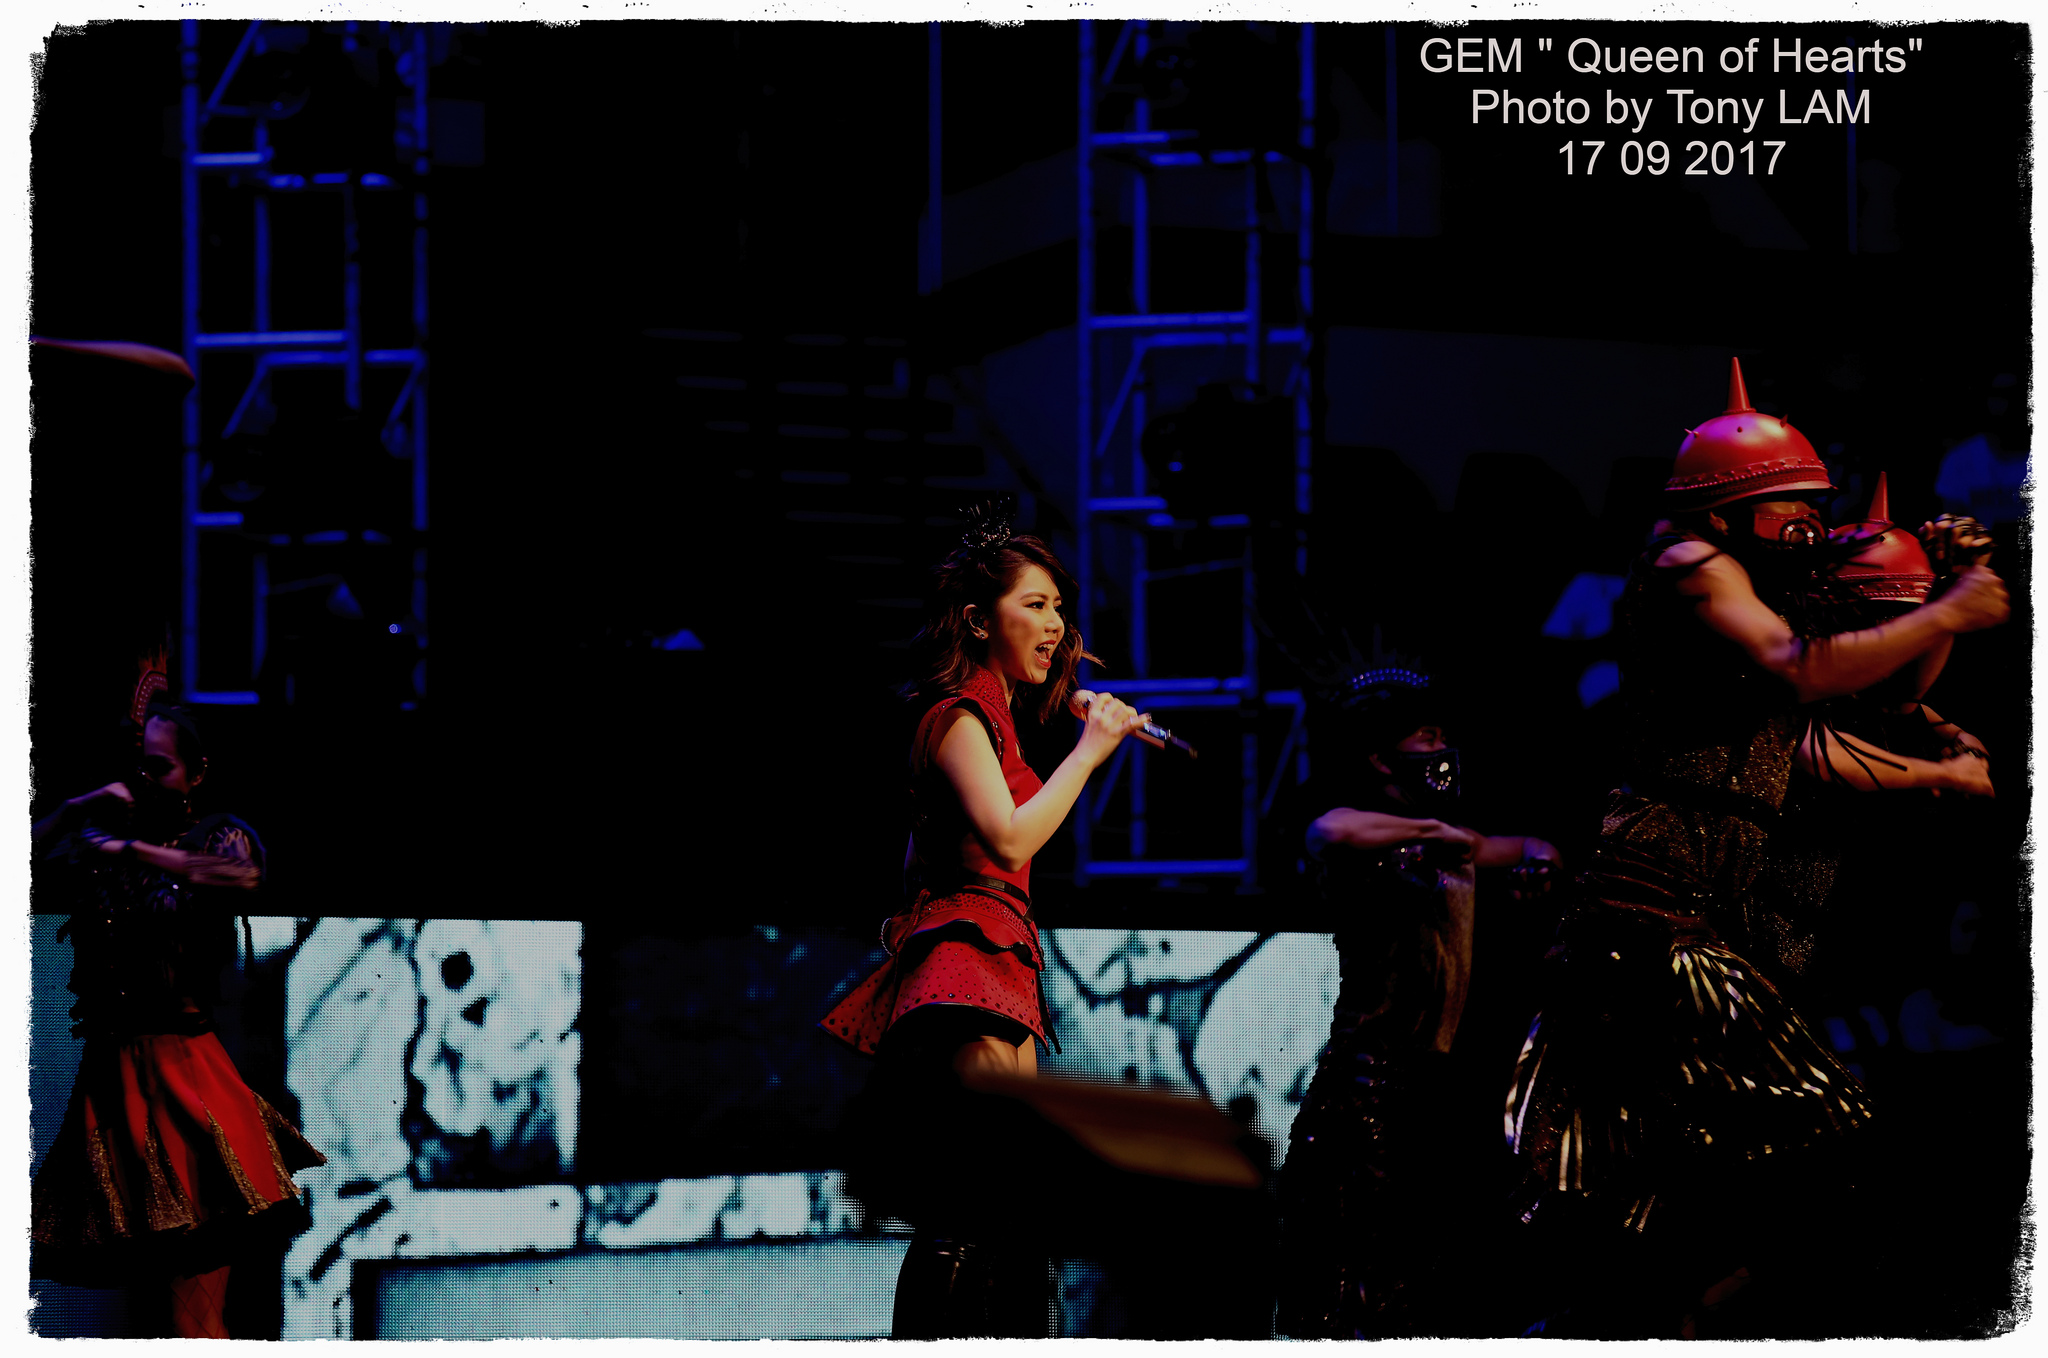 """● 鄧紫棋演唱會 G.E.M """"Queen of Hearts"""" 2017 - 香港拍攝"""